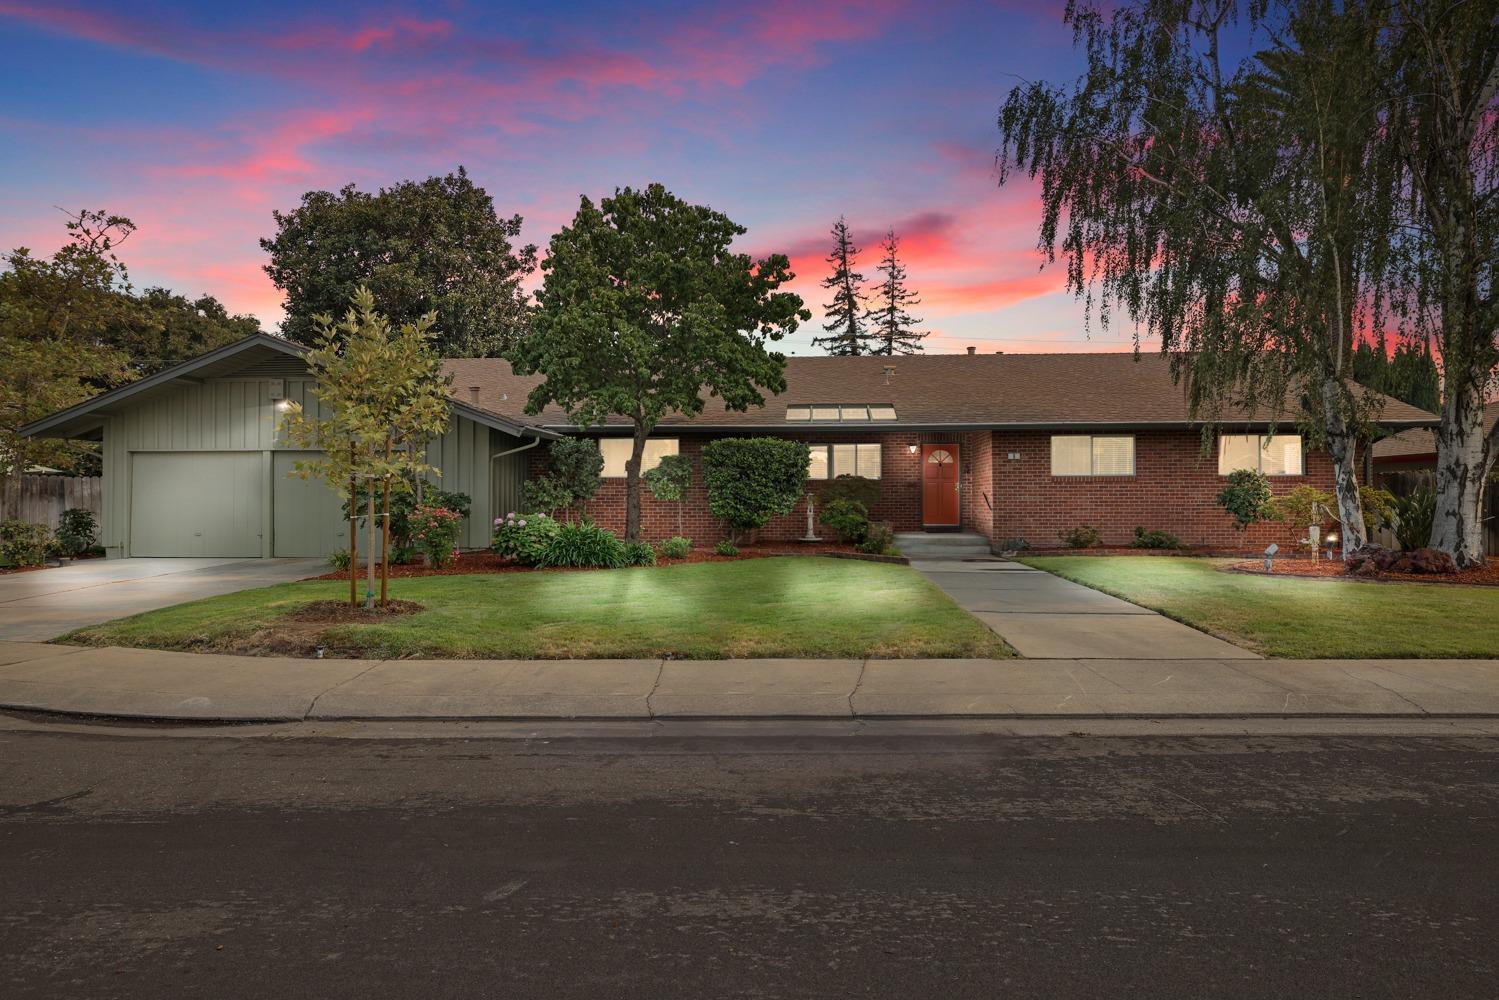 Photo of 6 W Banbury Drive, Stockton, CA 95207